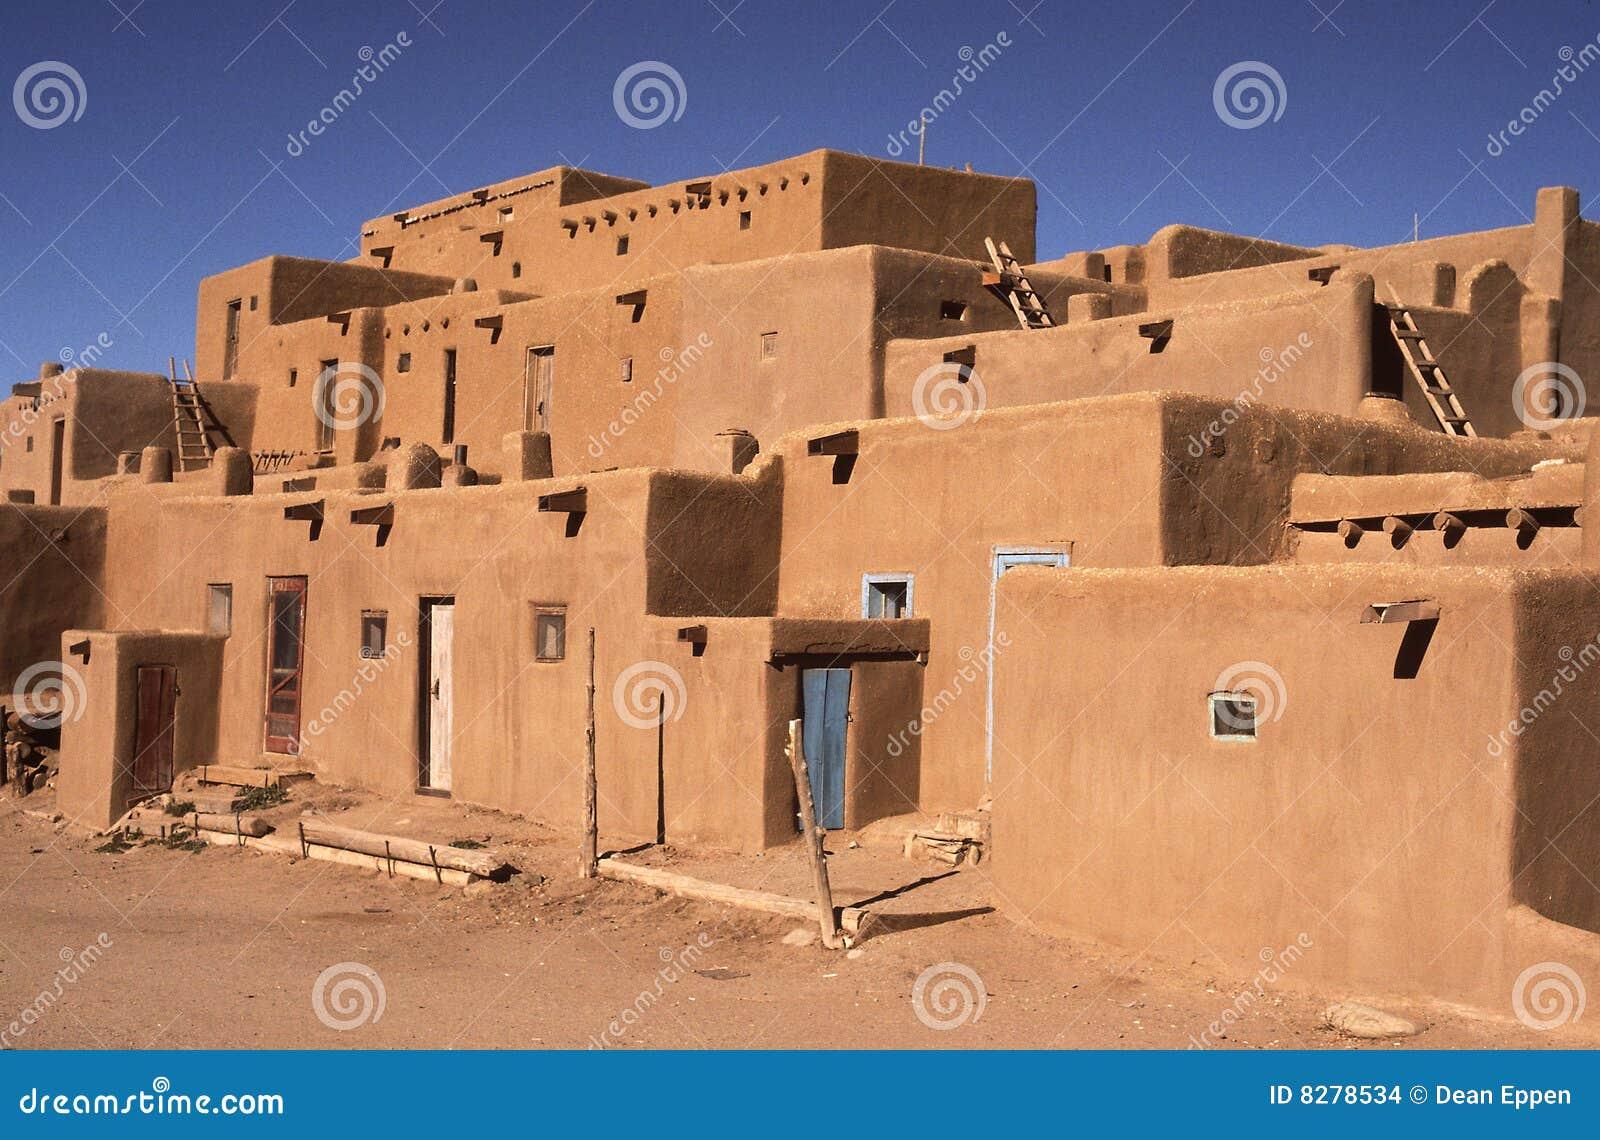 Taos Pueblo, Taos New Mexico